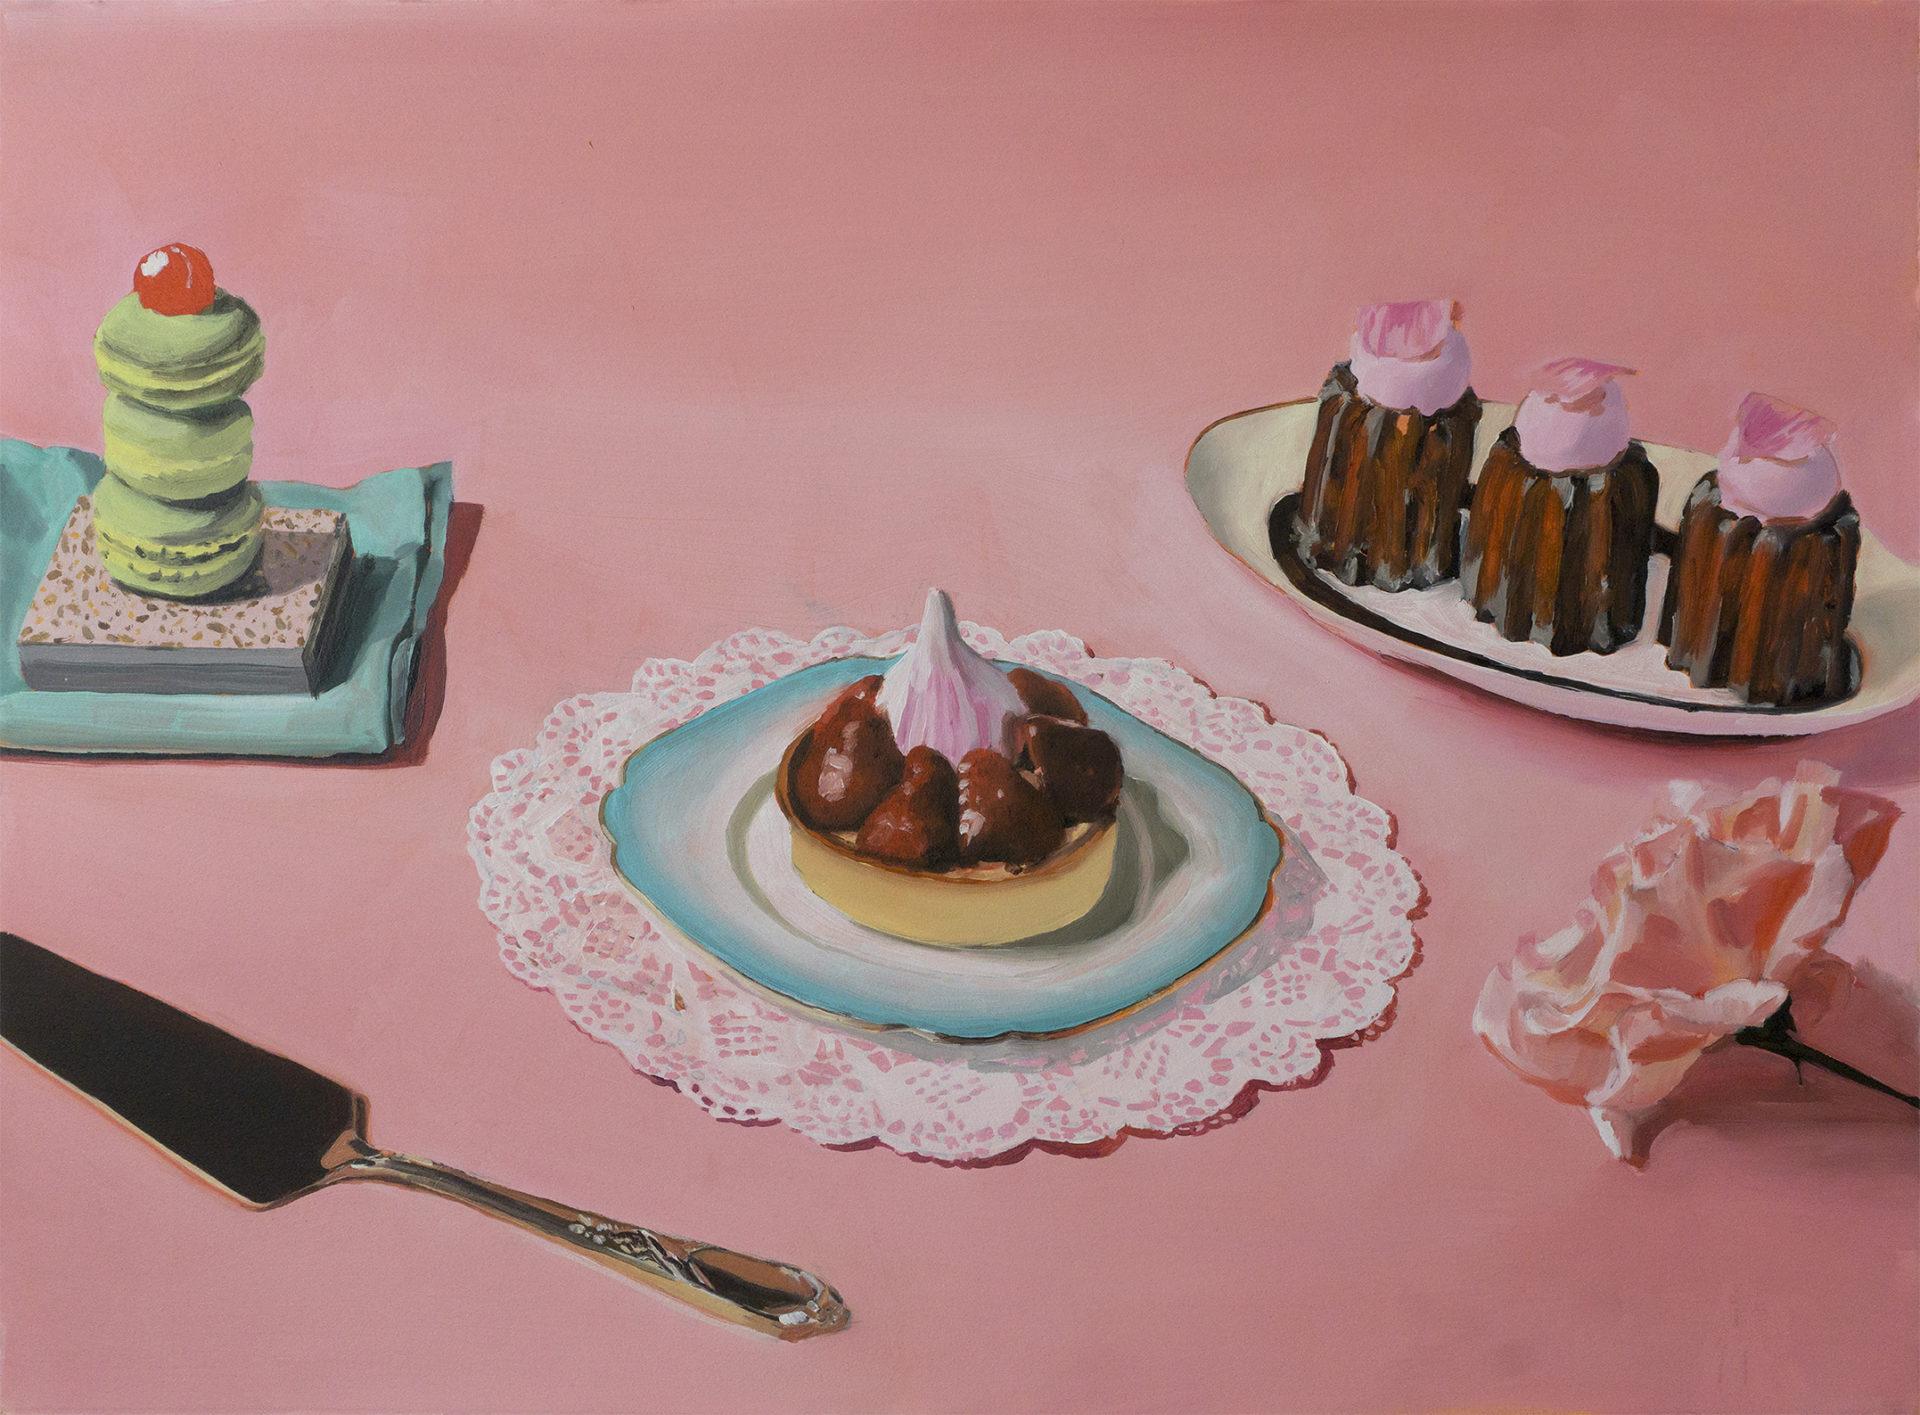 Peinture sur fond rose des gâteaux du Grand Budapest hotel en 3 assiettes